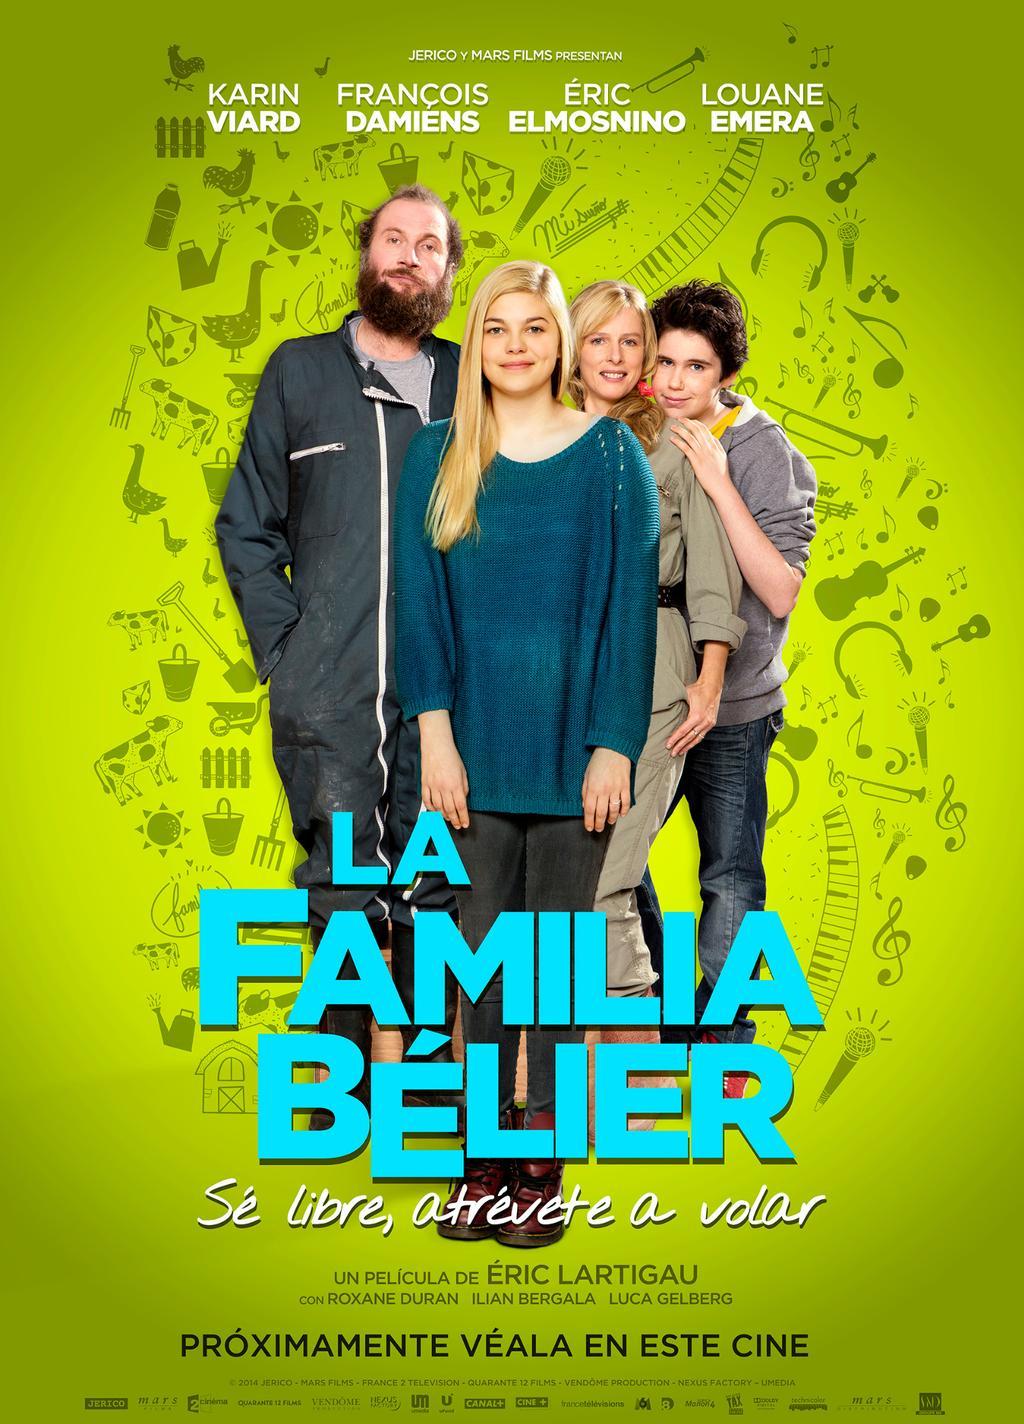 est_familia belier_poster